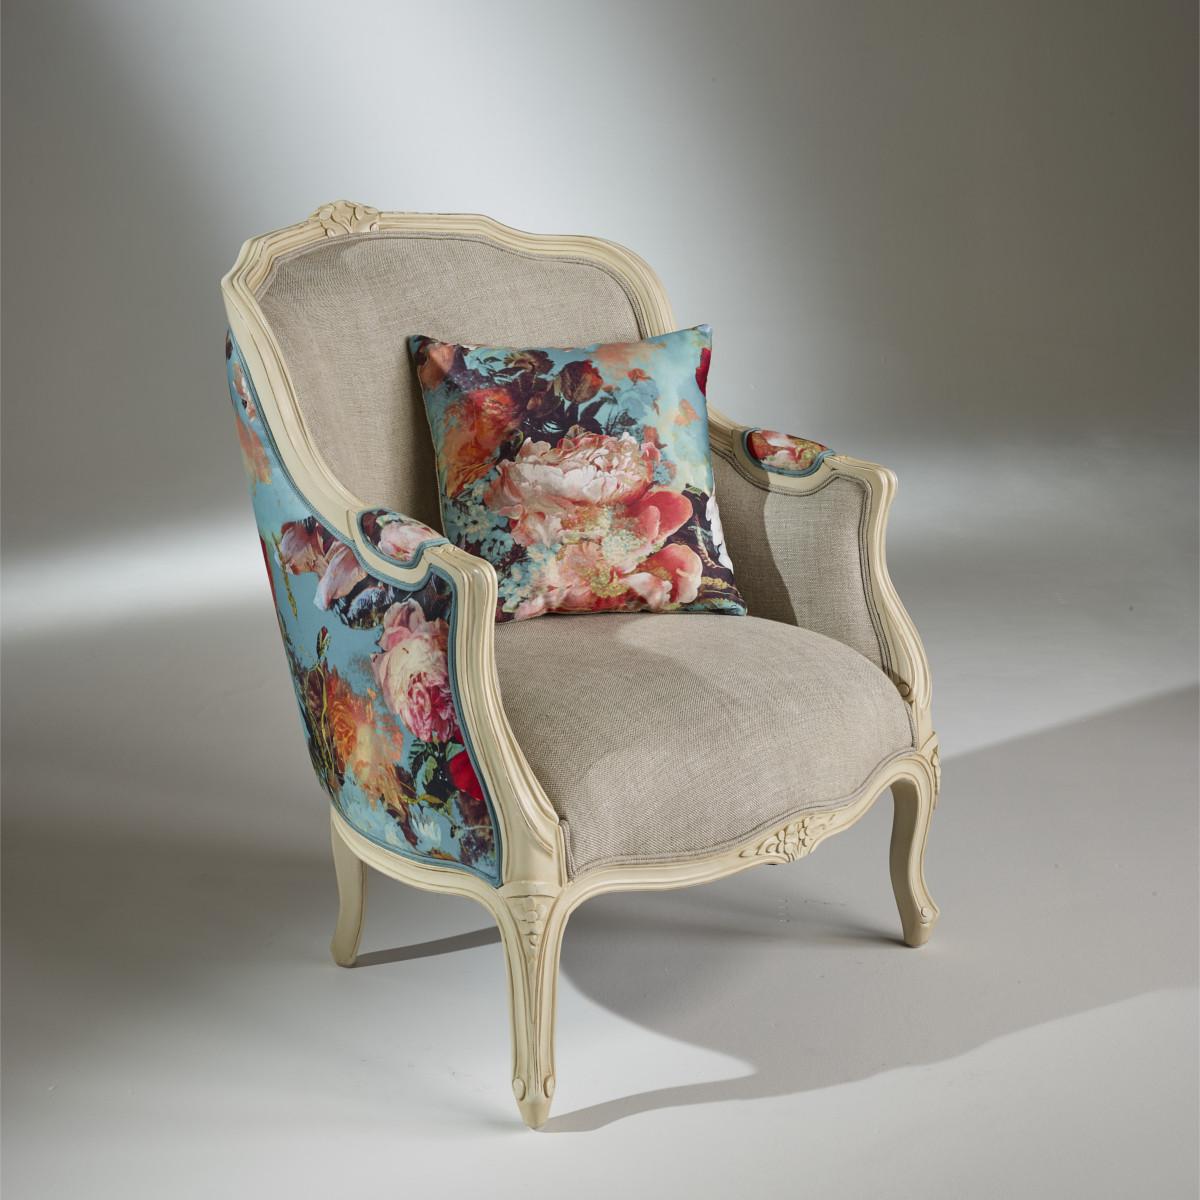 Tissu Jean Paul Gaultier fauteuil bergère gris, victor botanique, tissu jean paul